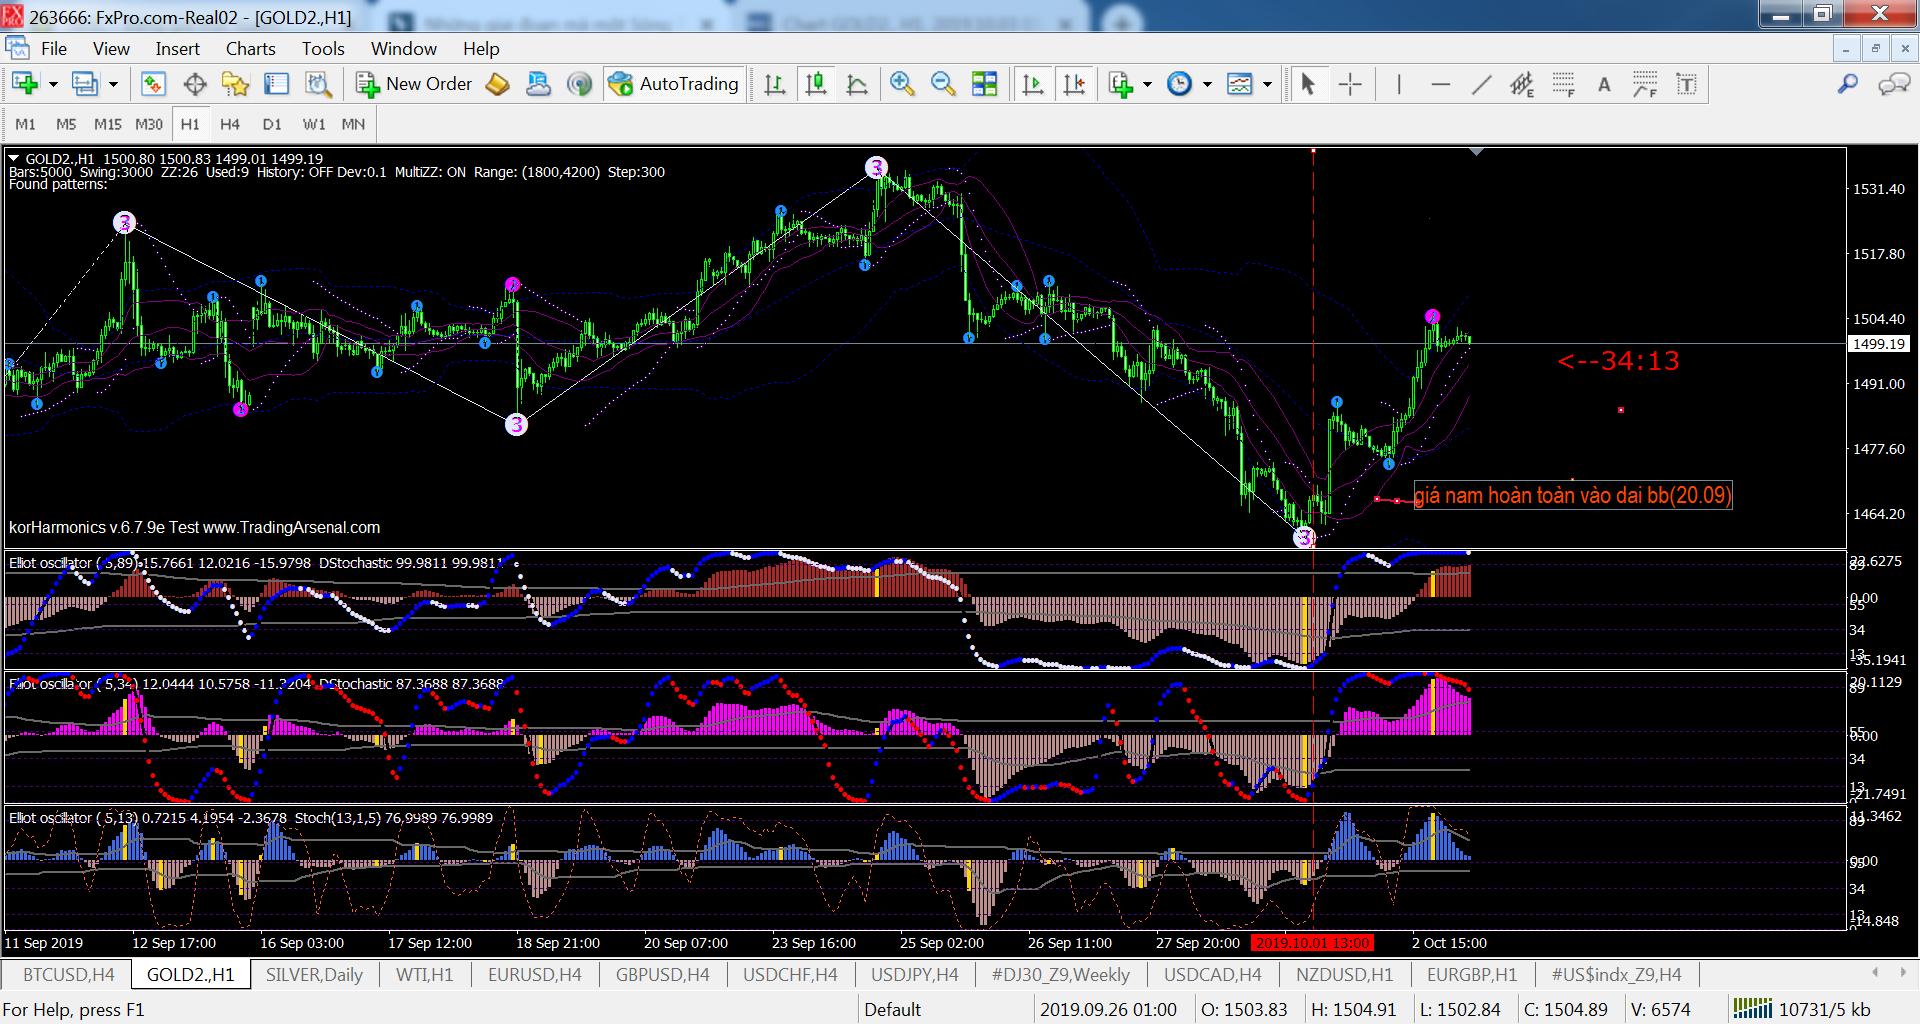 acharts.mql5.com_22_420_gold2_h1_fxpro_global_markets_5.